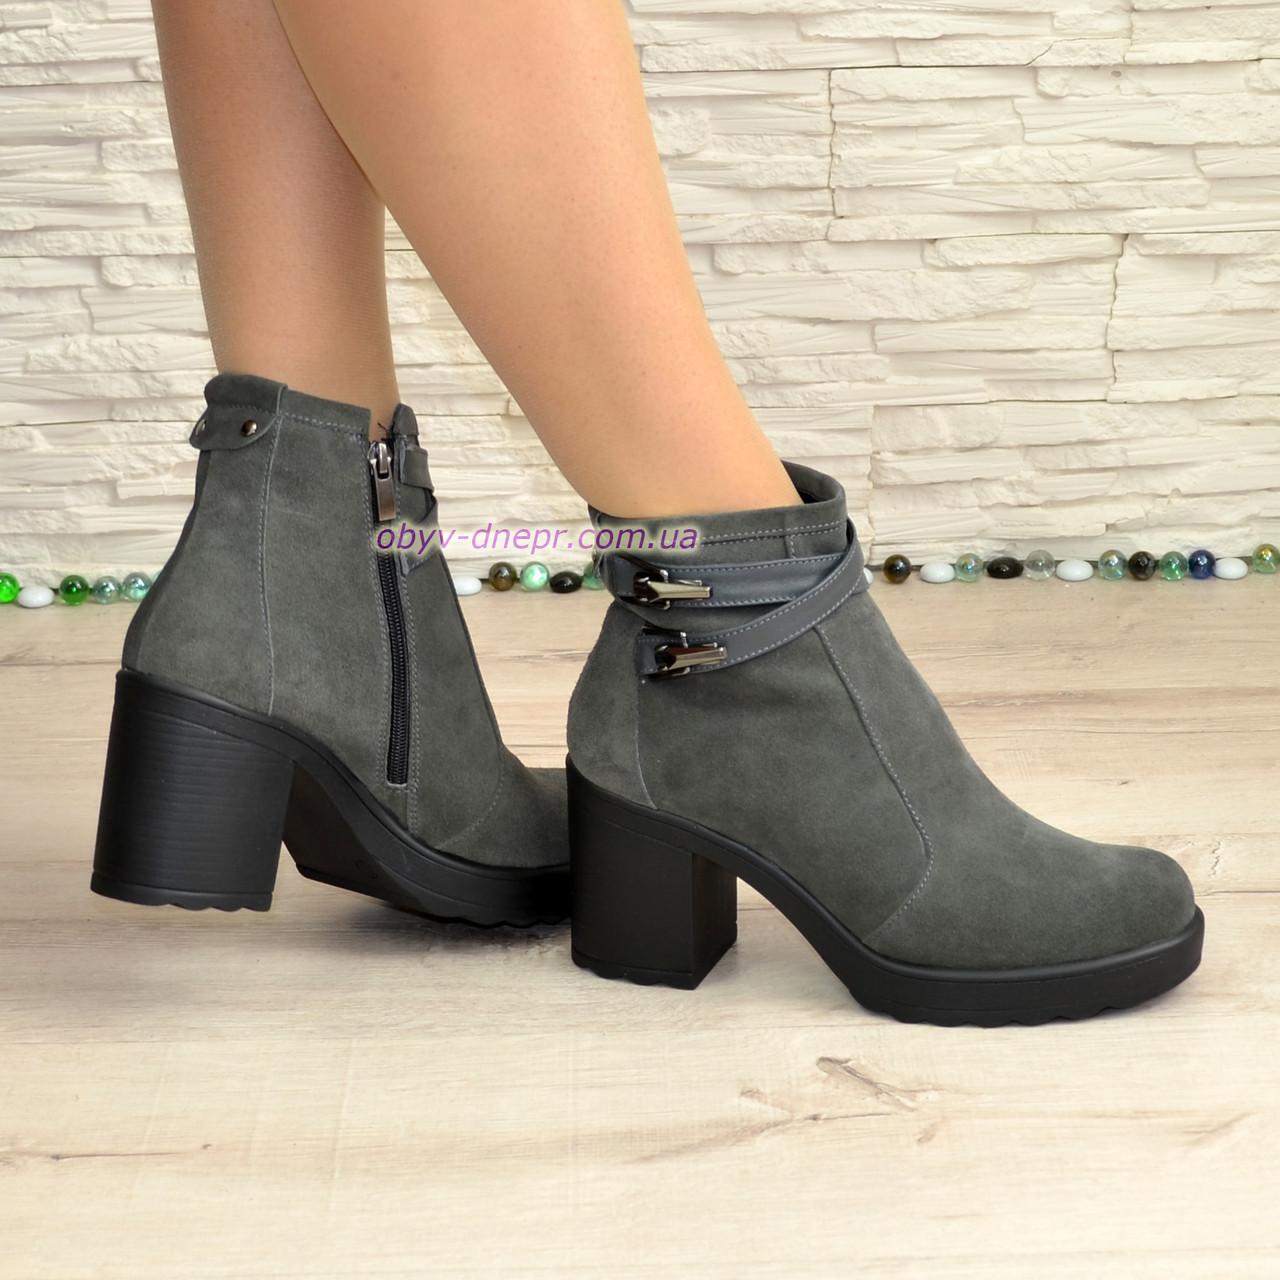 Женские зимние ботинки на устойчивом каблуке, цвет серый